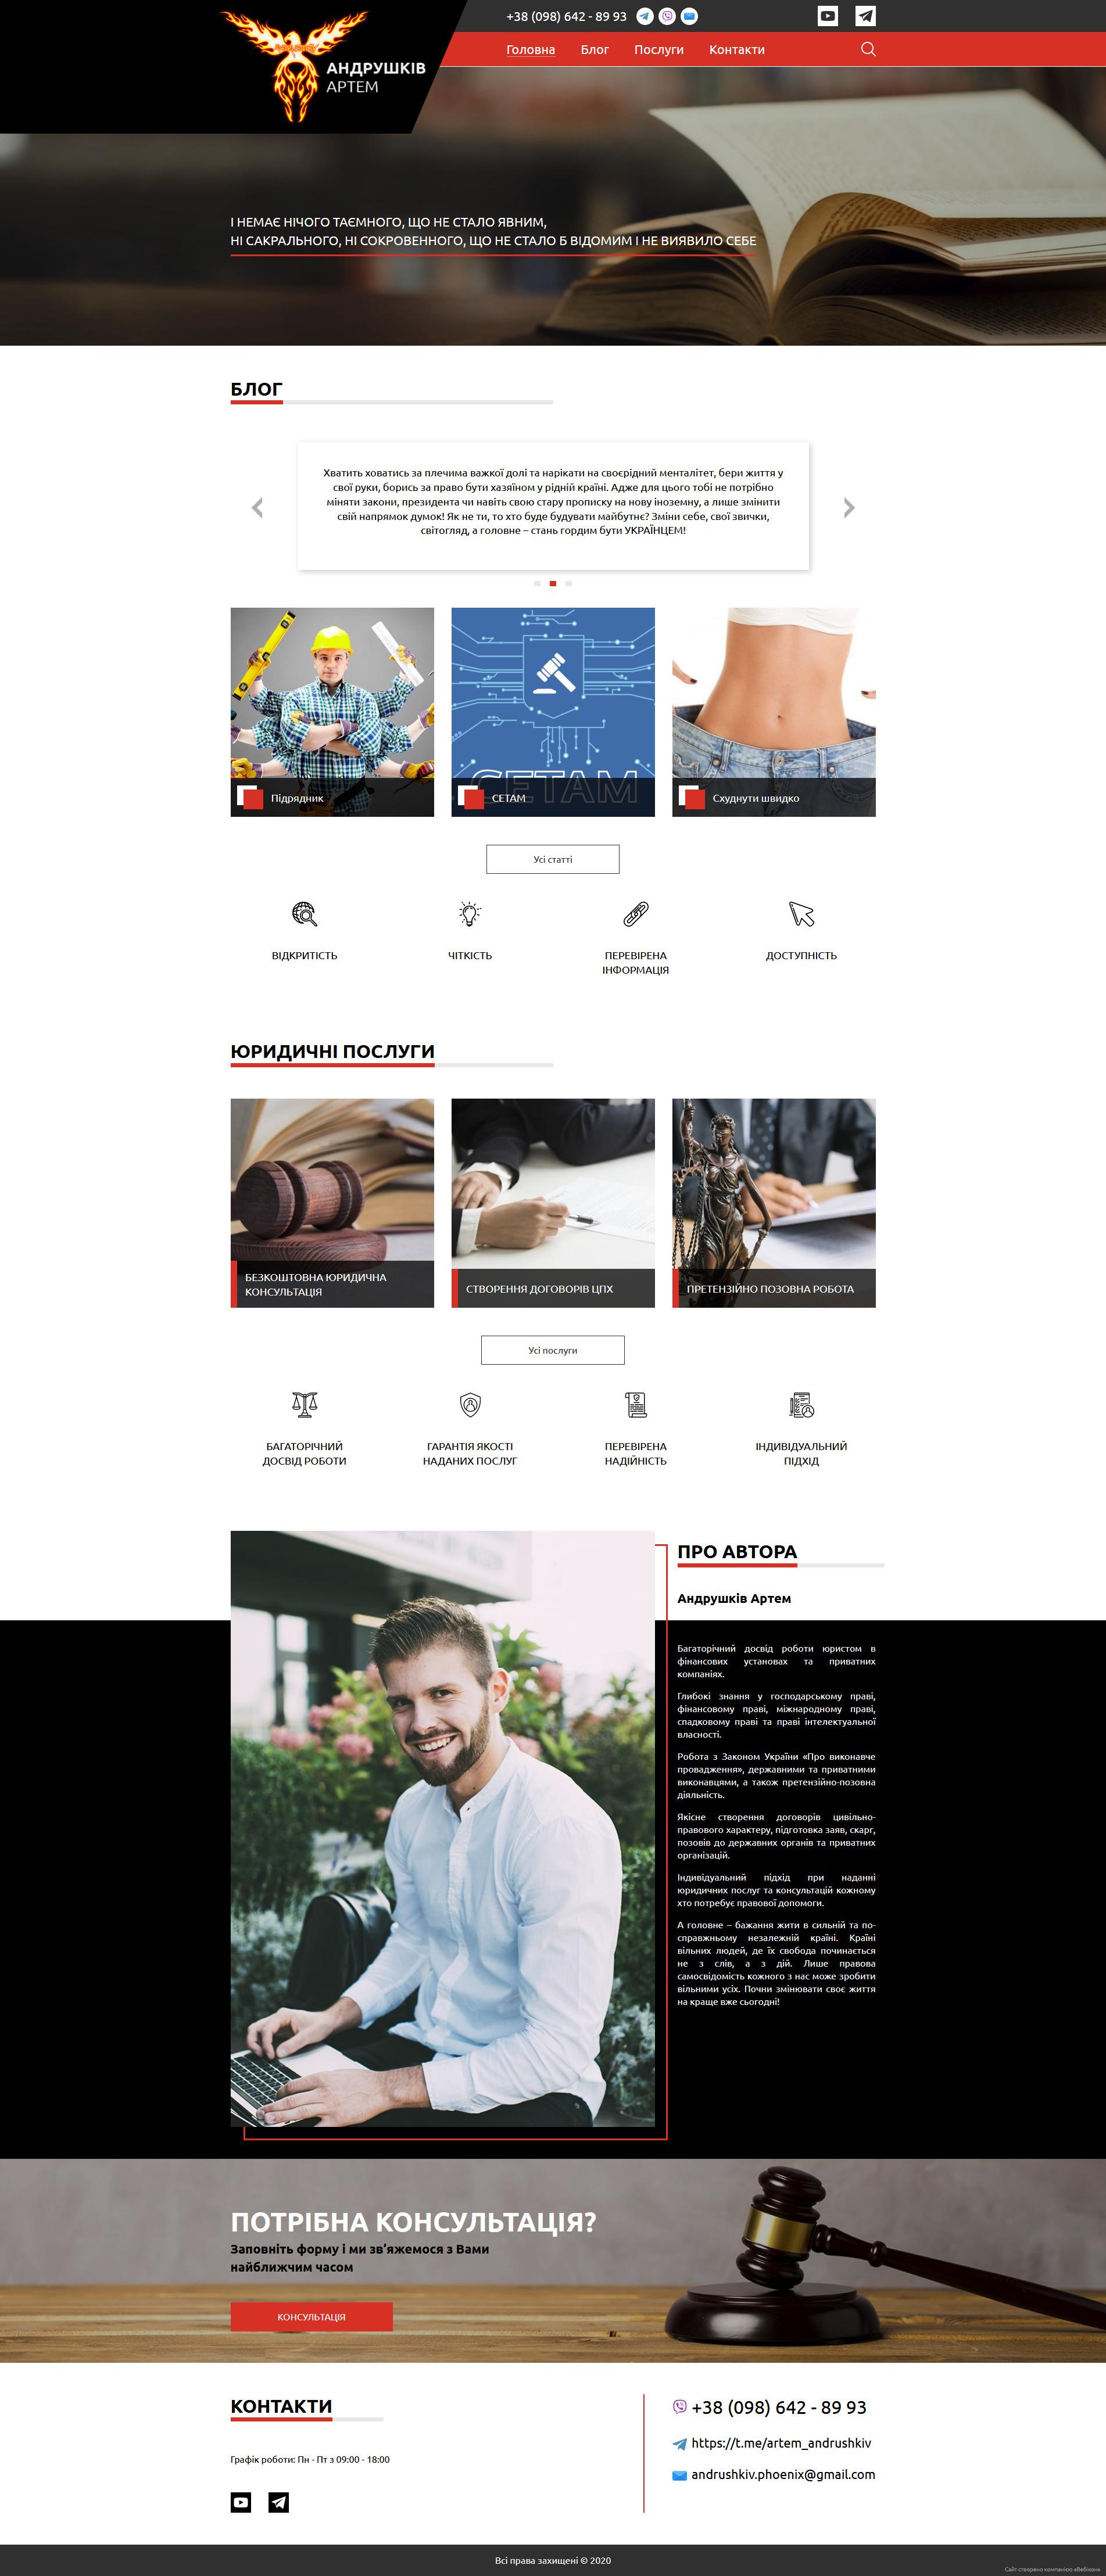 Фото Сайт по предоставлению юридических услуг + блог автора. Уникальный дизайн, адаптивная верстка под экраны всех устройств